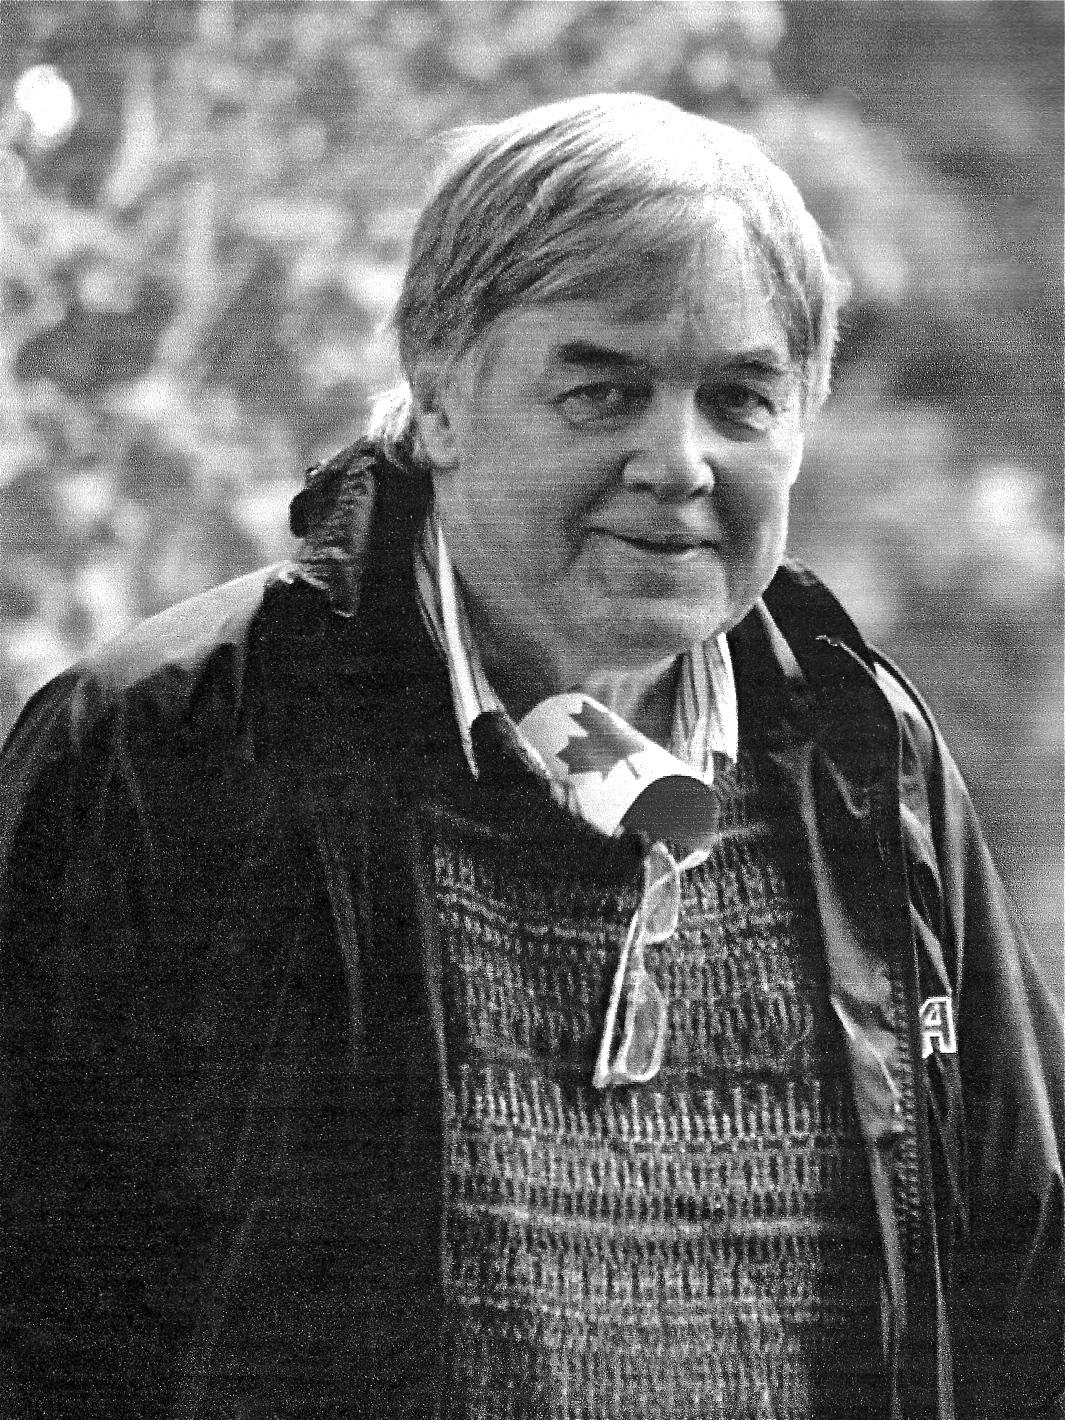 Jim Boughen